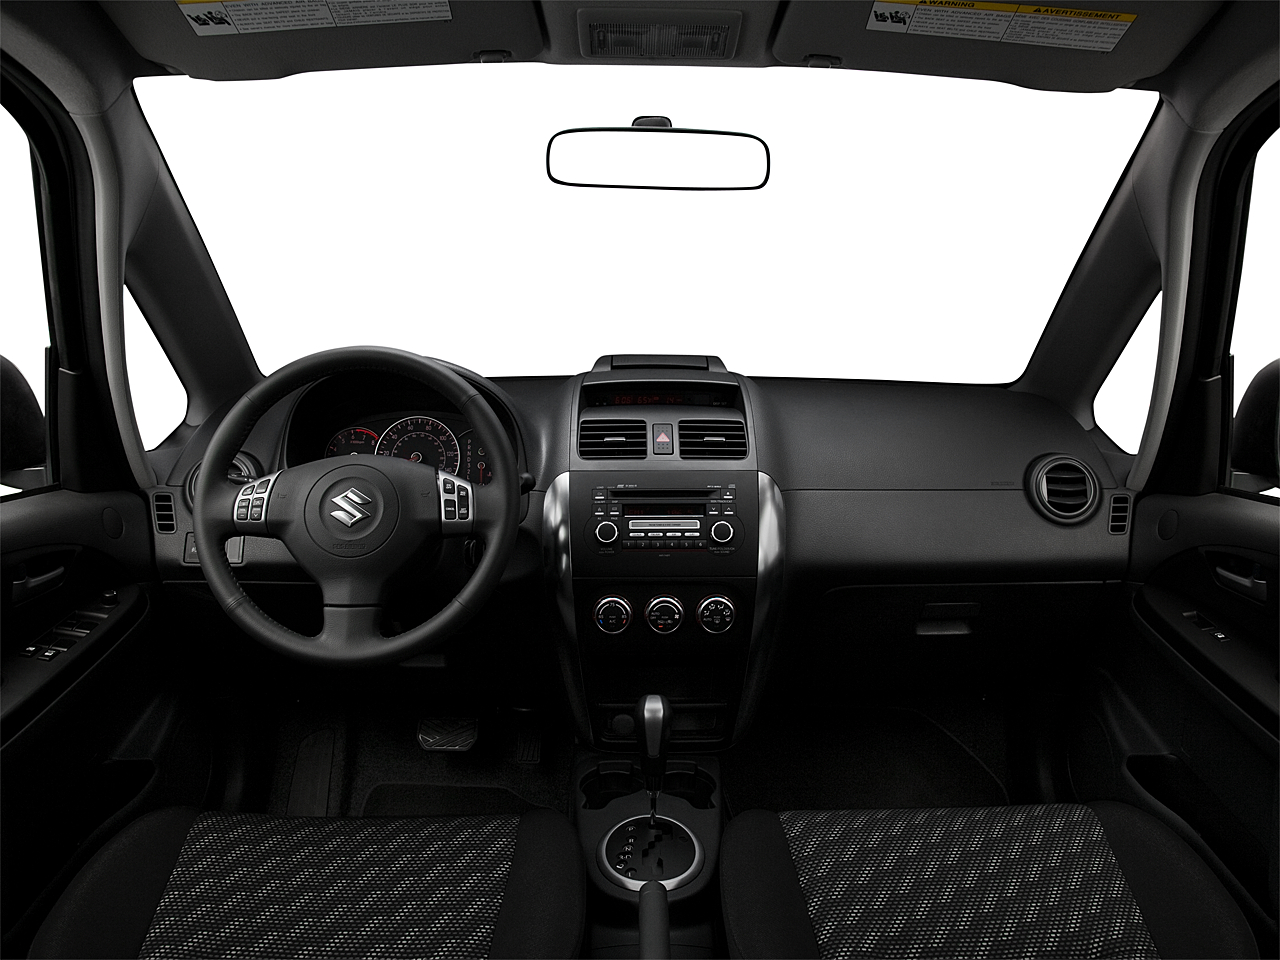 Suzuki Sx Technology Package